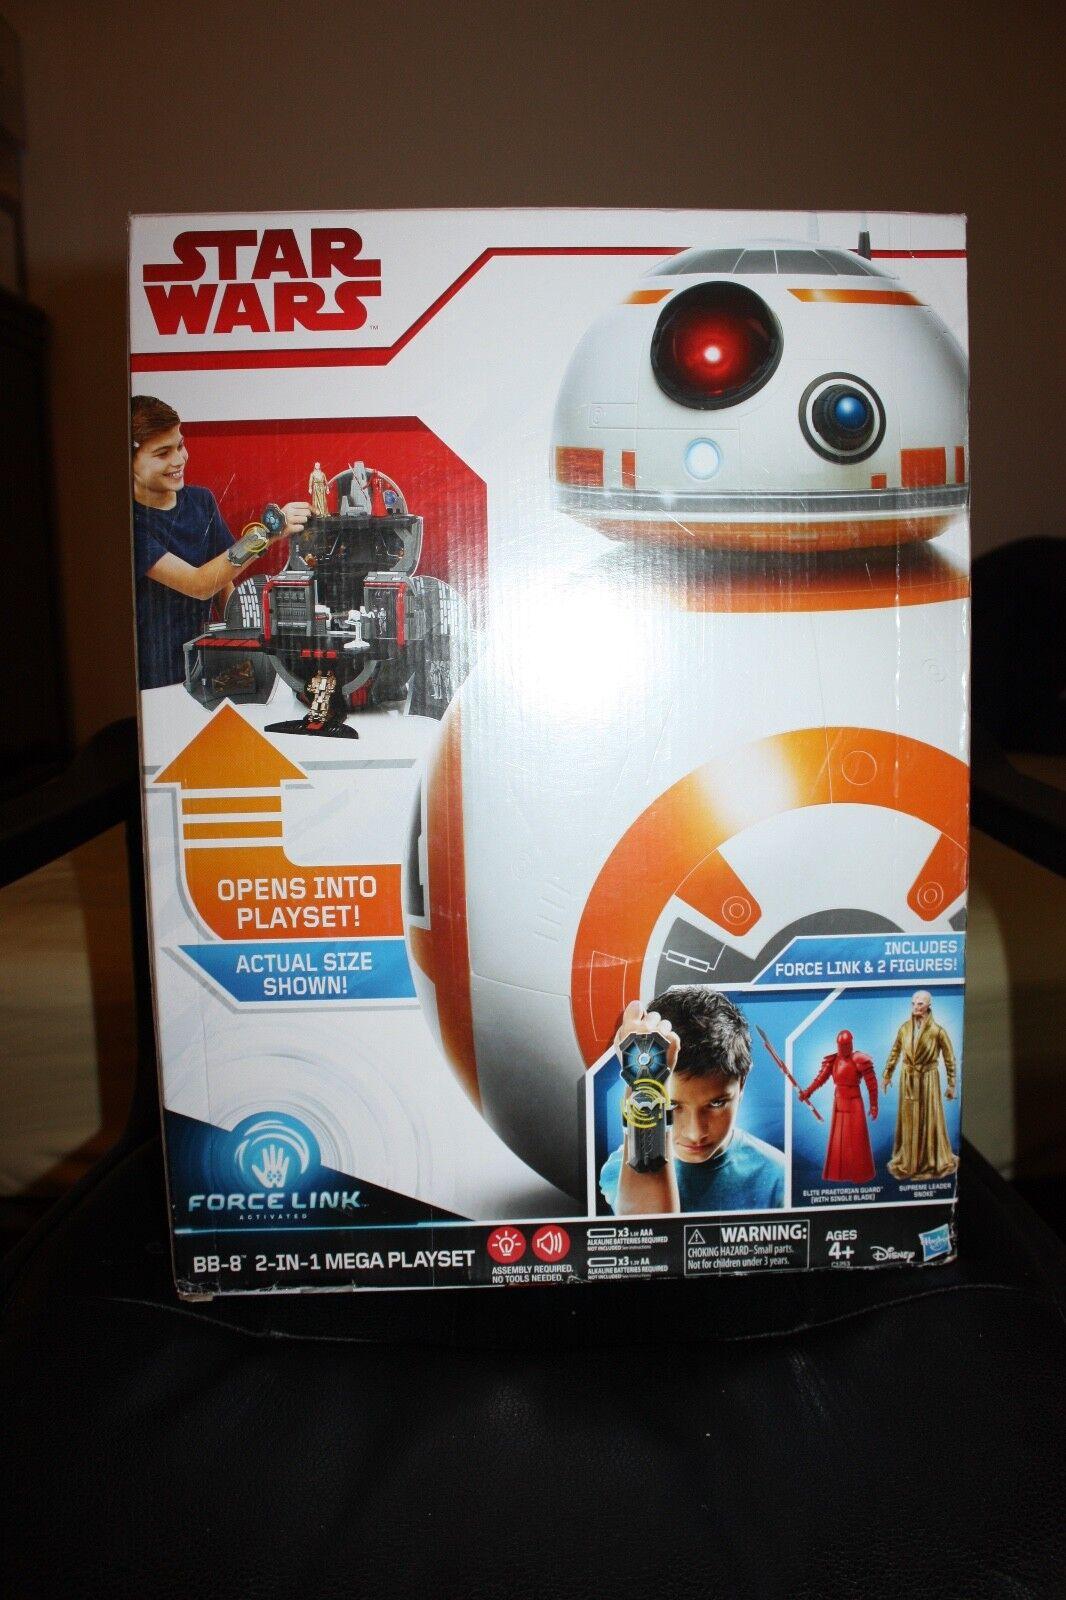 Star wars force link bb-8 2 - in - 1 - mega - playset einschließlich kraft link